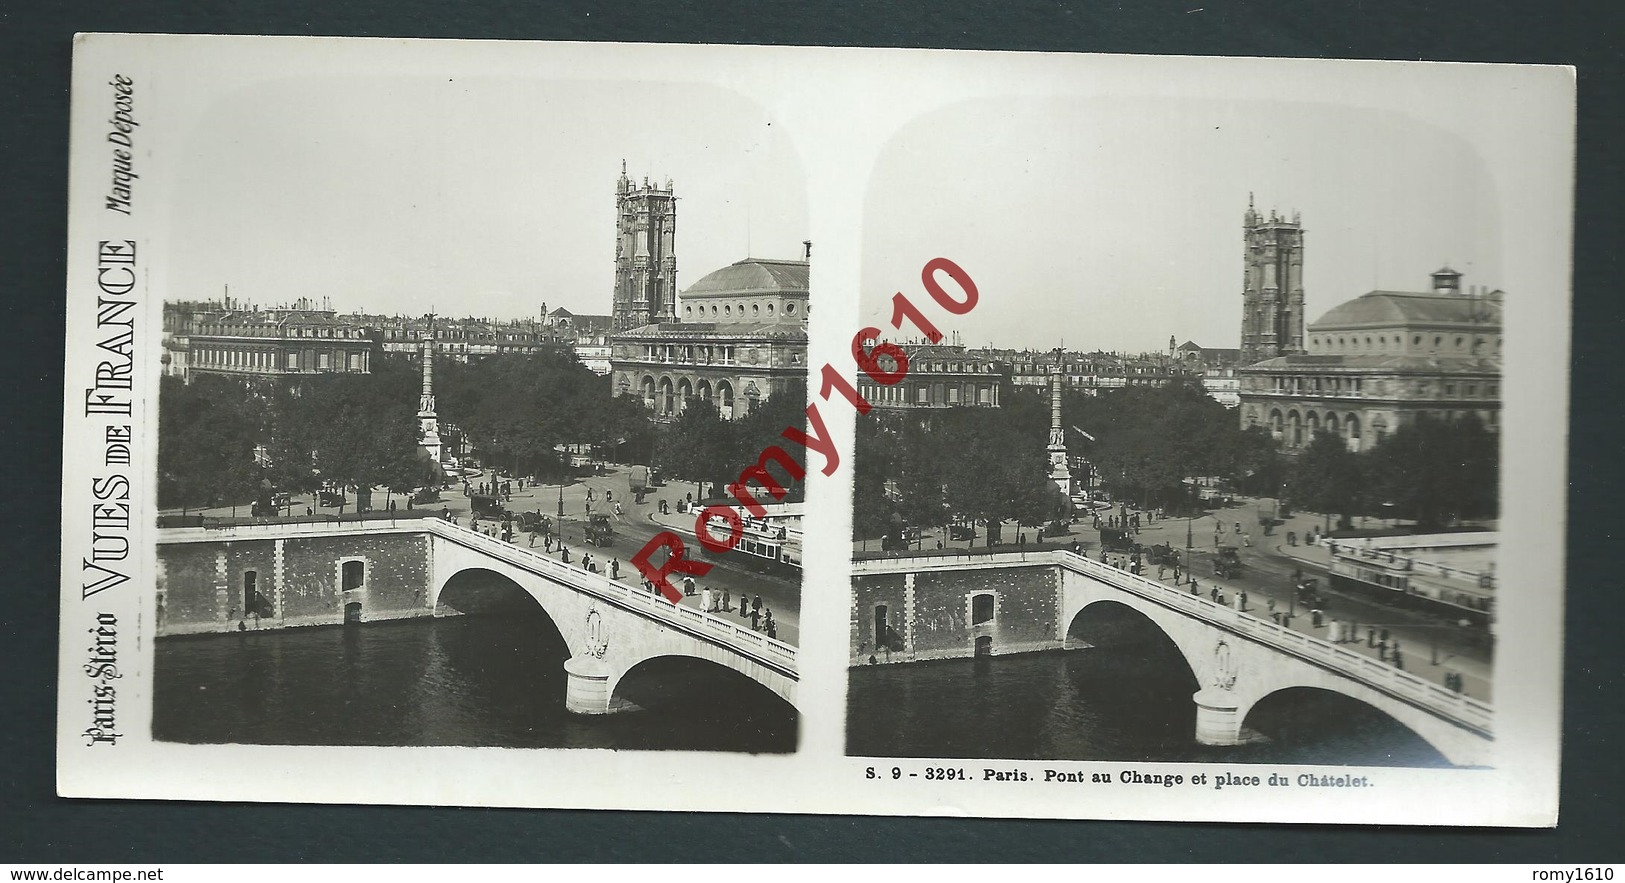 France 75 Paris. Lot 12 Vues Stéréoscopiques. Série N°9. Complète. Édition: Paris-Stéréo. Photos En Excellent état. - Photos Stéréoscopiques